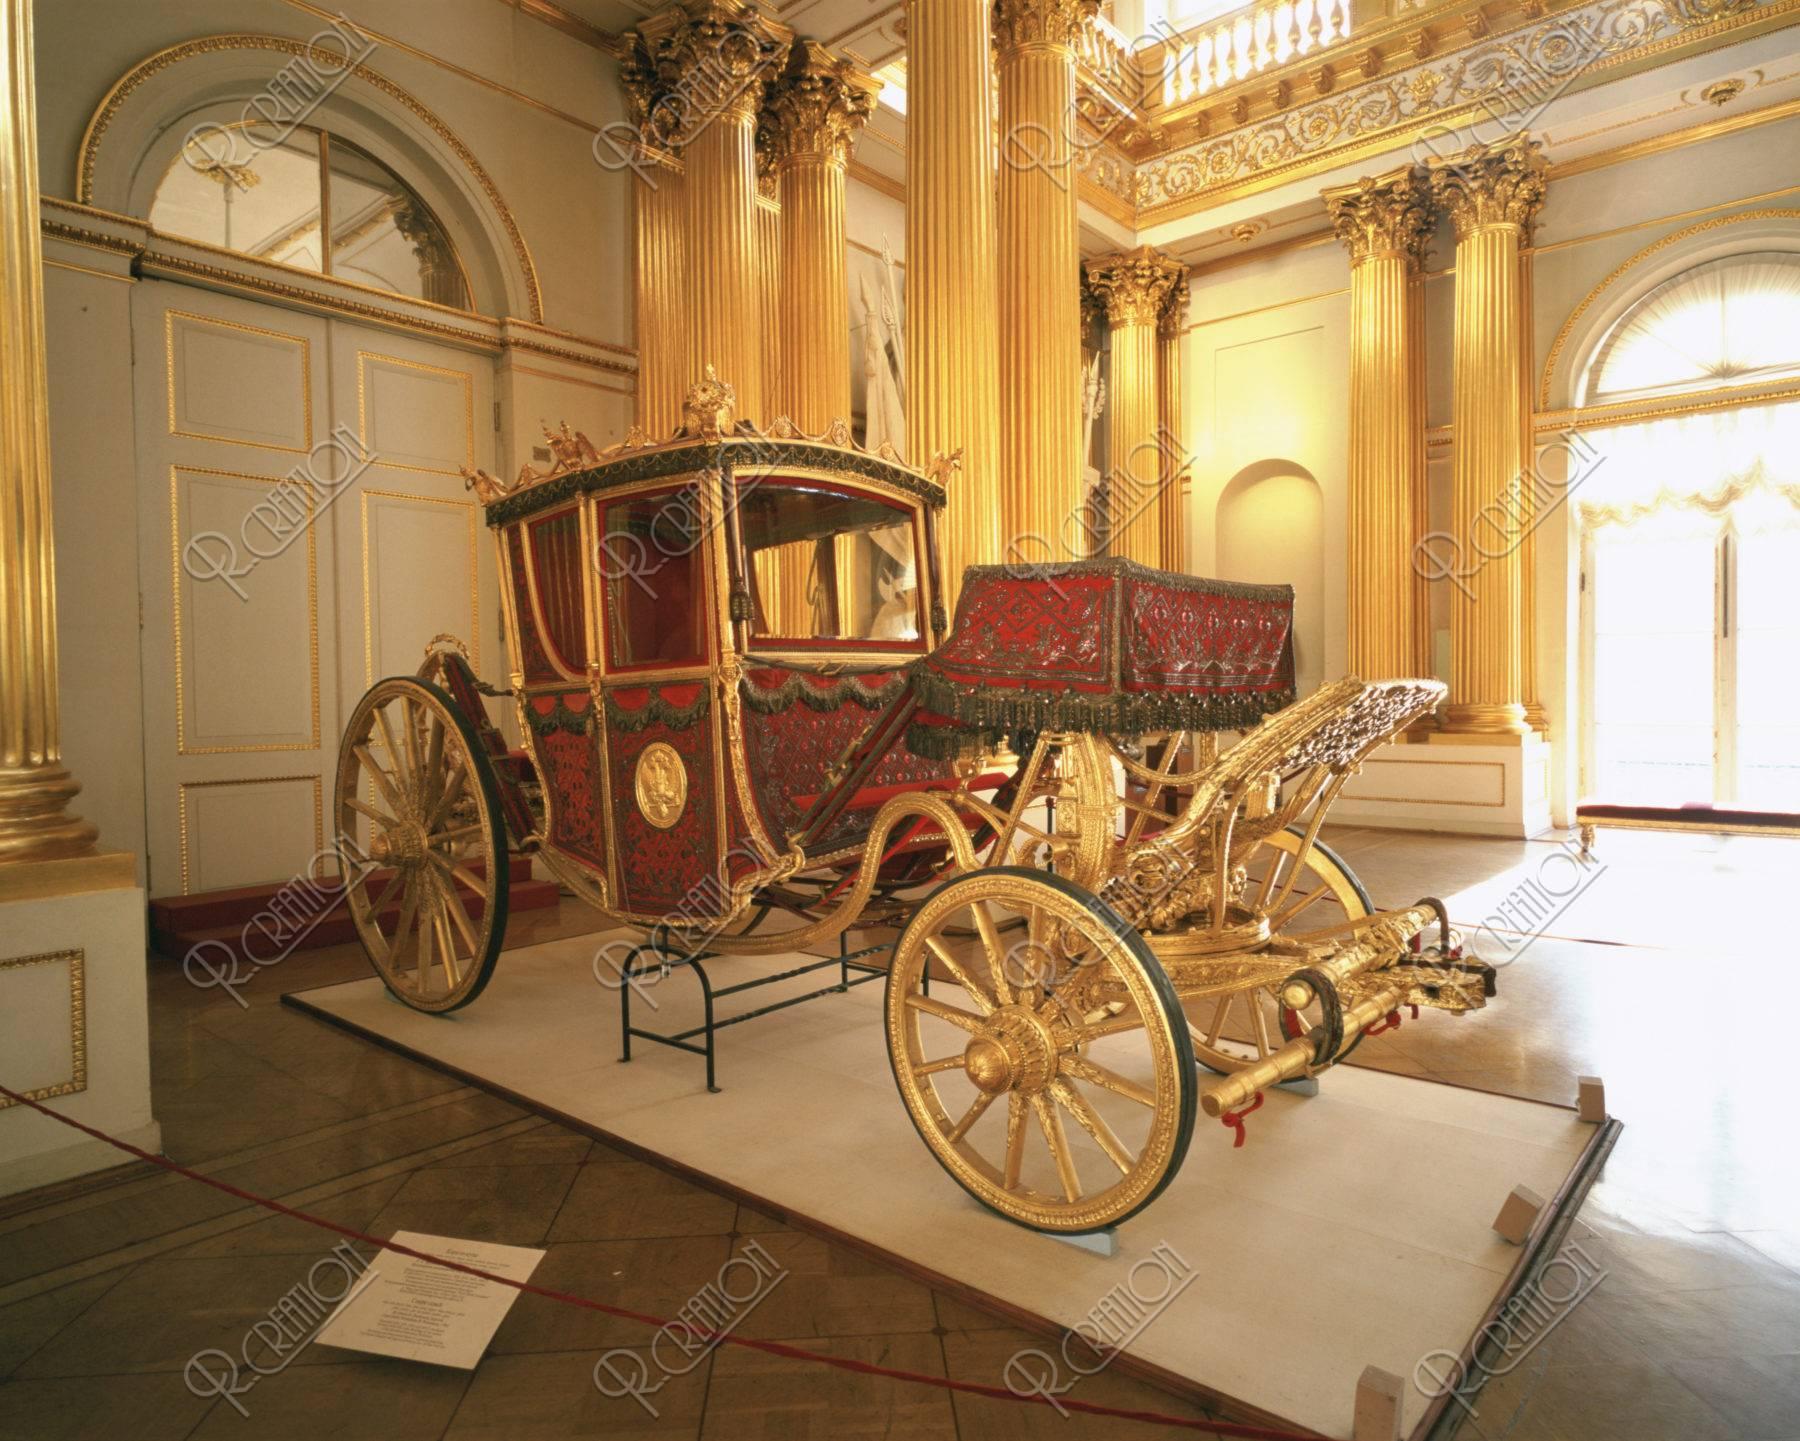 エルミタージュ美術館 馬車W